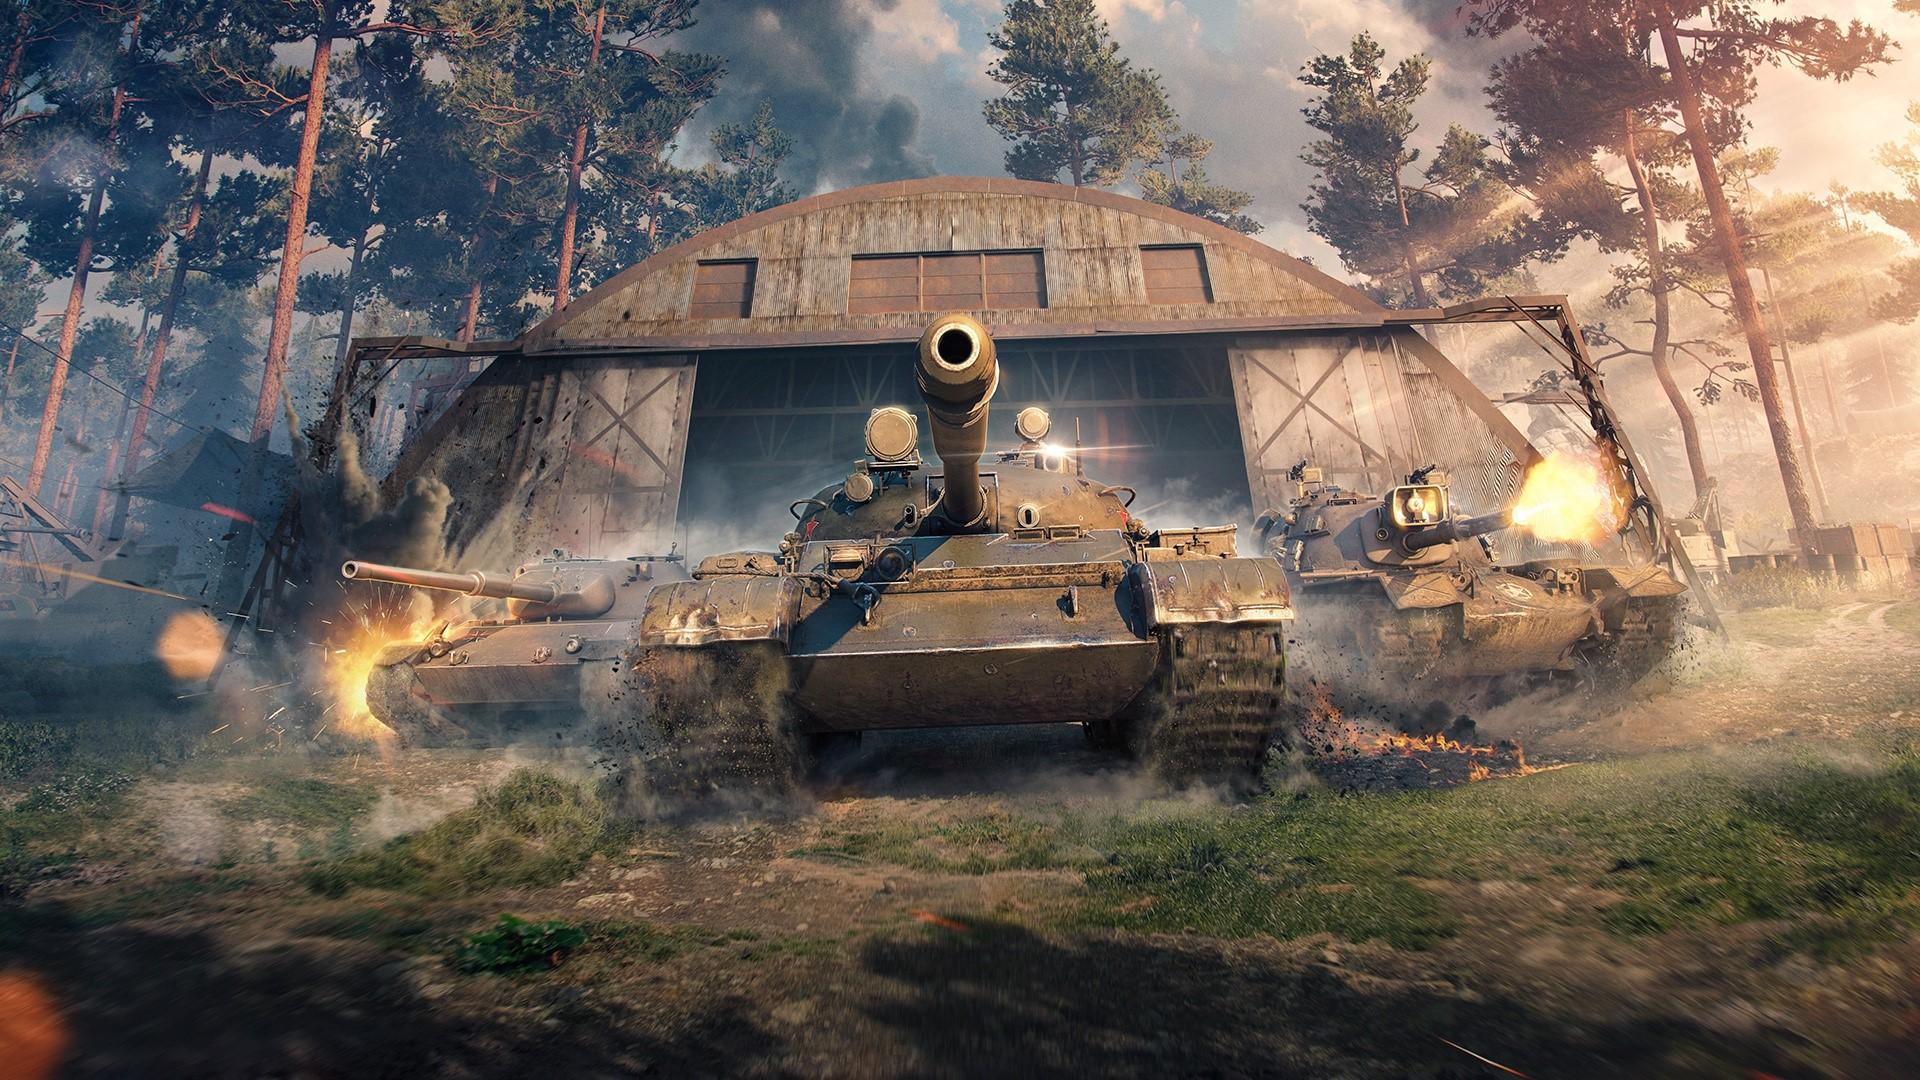 Картинка в статье Рабочие бонус коды и промо коды на сентябрь 2021 World of Tanks бесплатно